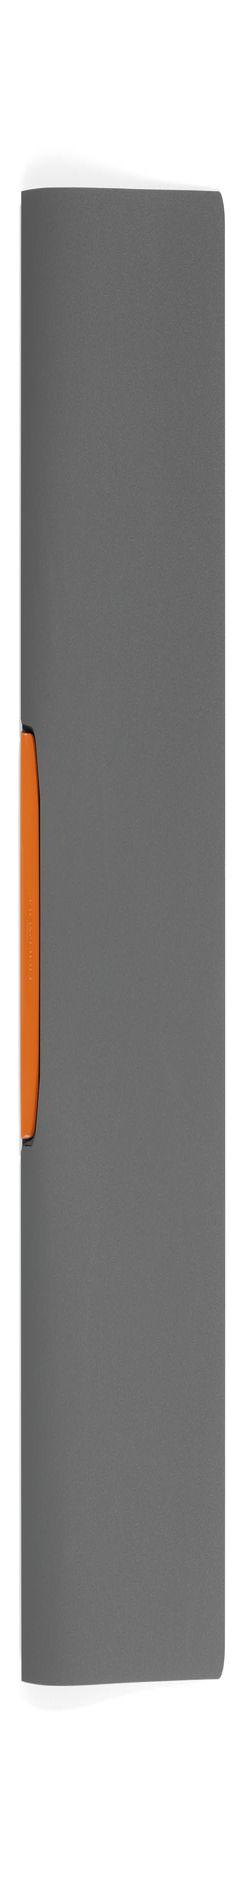 230400-9 Папка DURASWING COLOR с оранжевым клипом фото